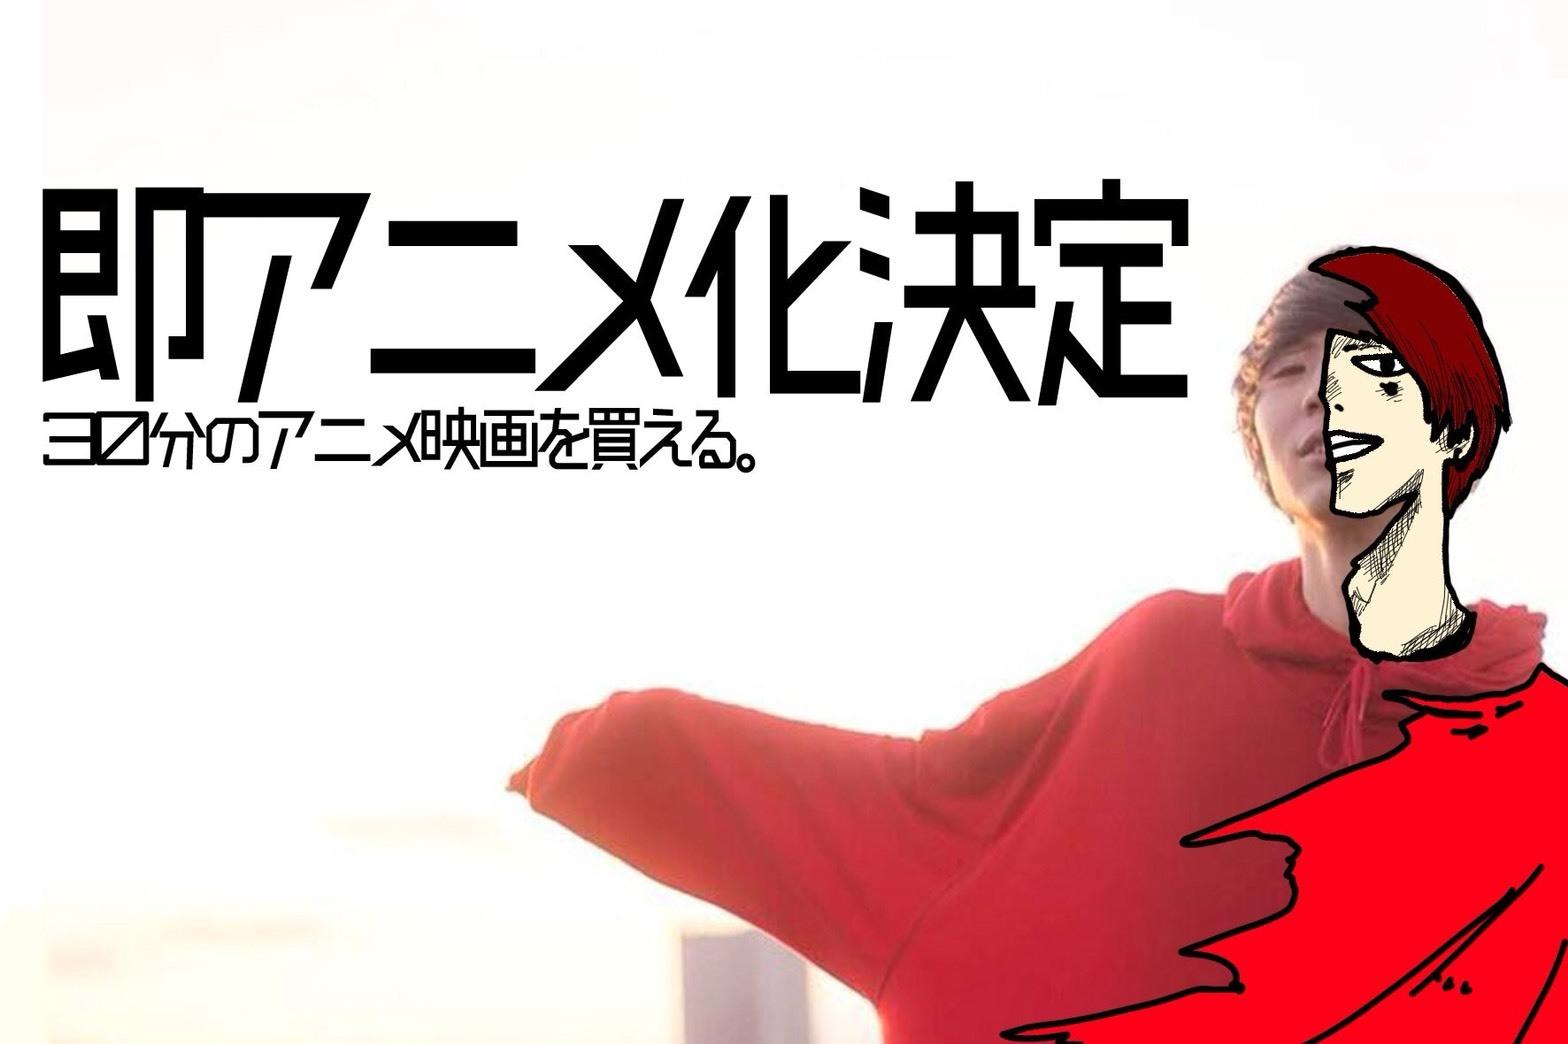 <シバタカヲルの夢直結!!あなたのこれまでをアニメ化しますプラン>